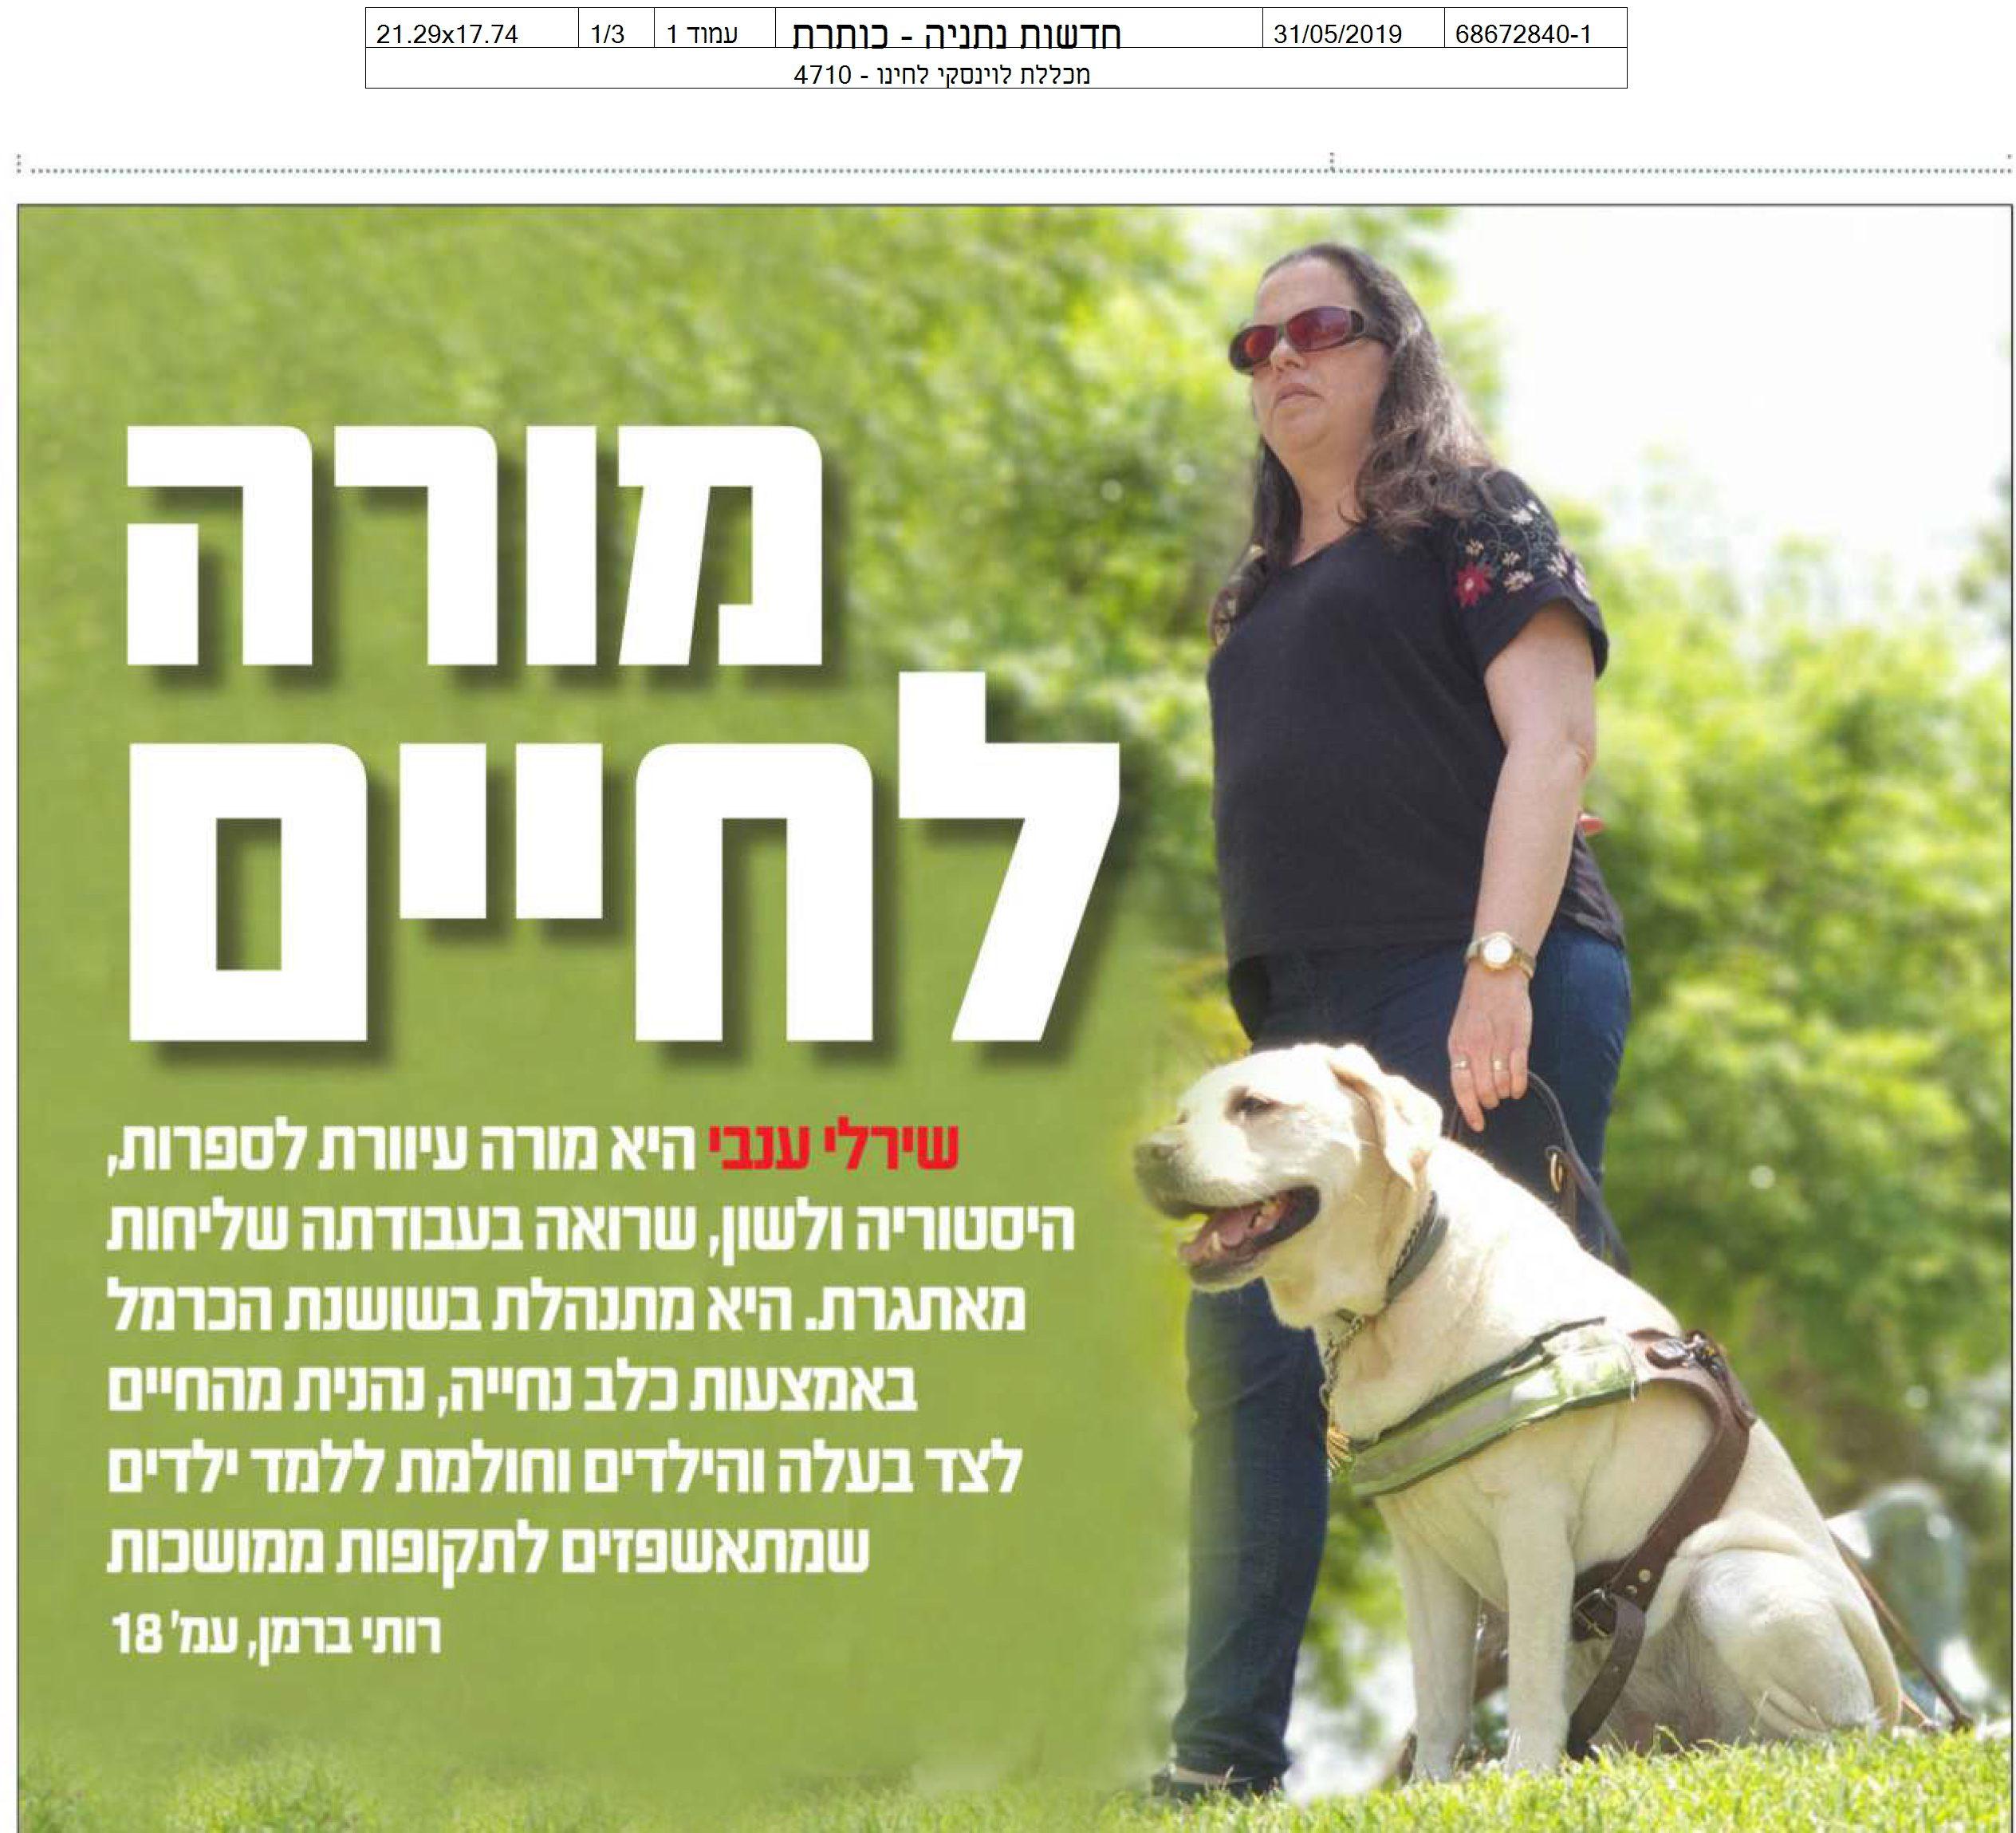 תמונה מתוך הכתבה על שירלי ענבי בחדשות נתניה 31.5.2019